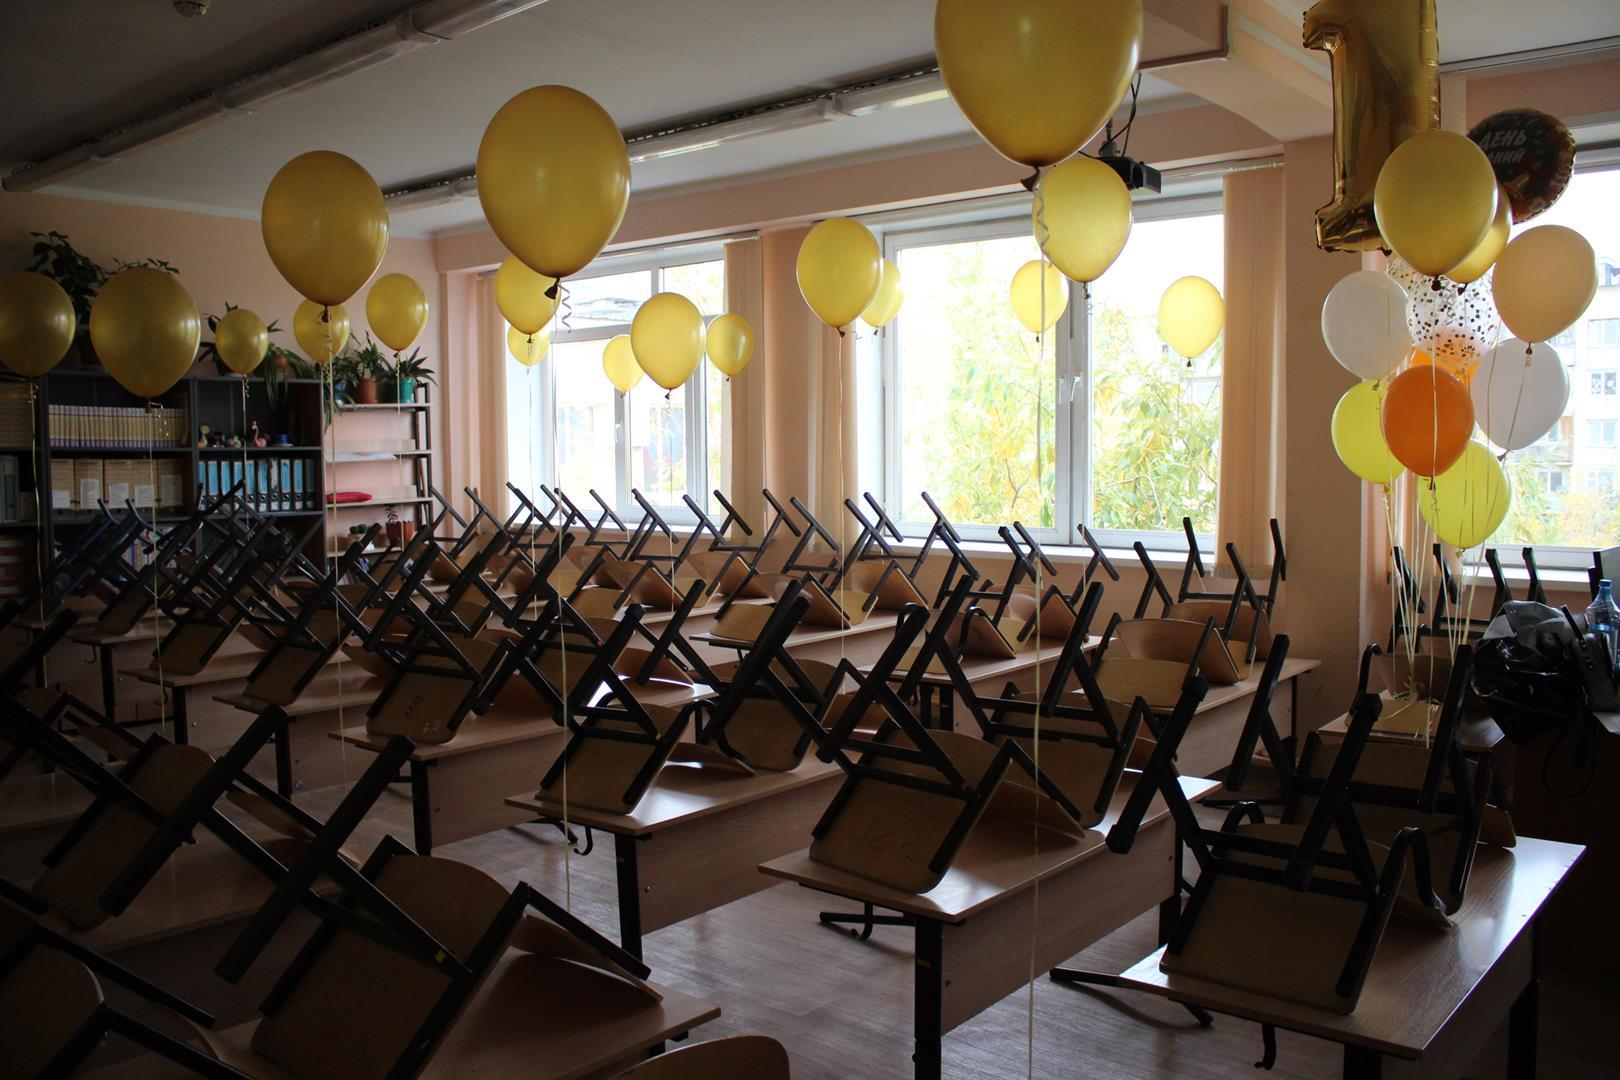 Школы Якутии готовятся к 1 сентября и новому учебному году в условиях пандемии